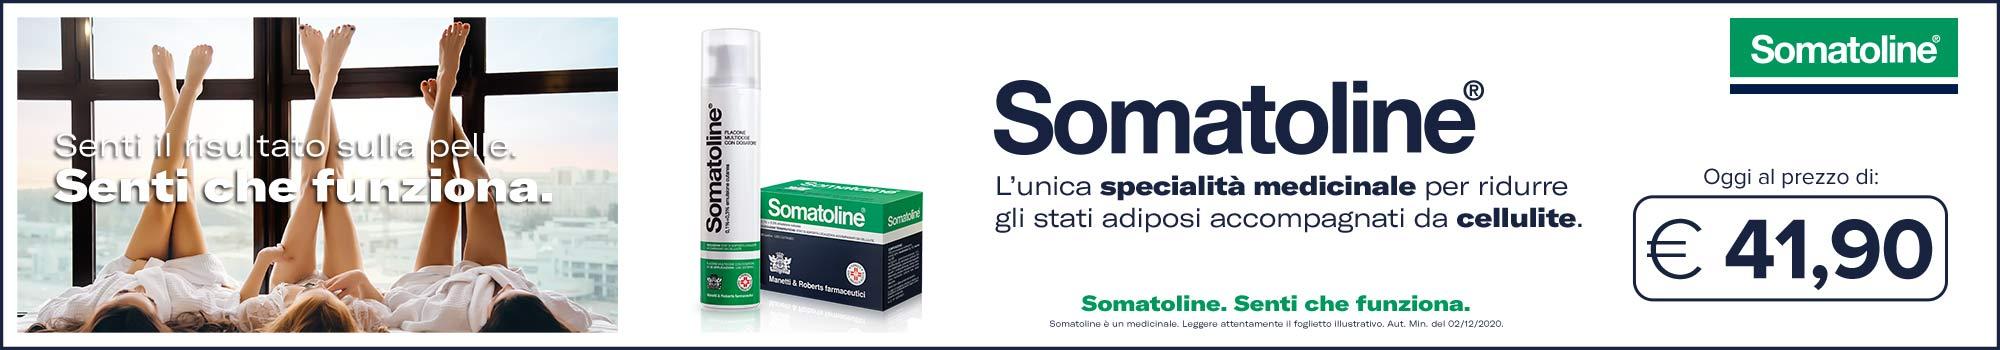 somatoline anticellulite